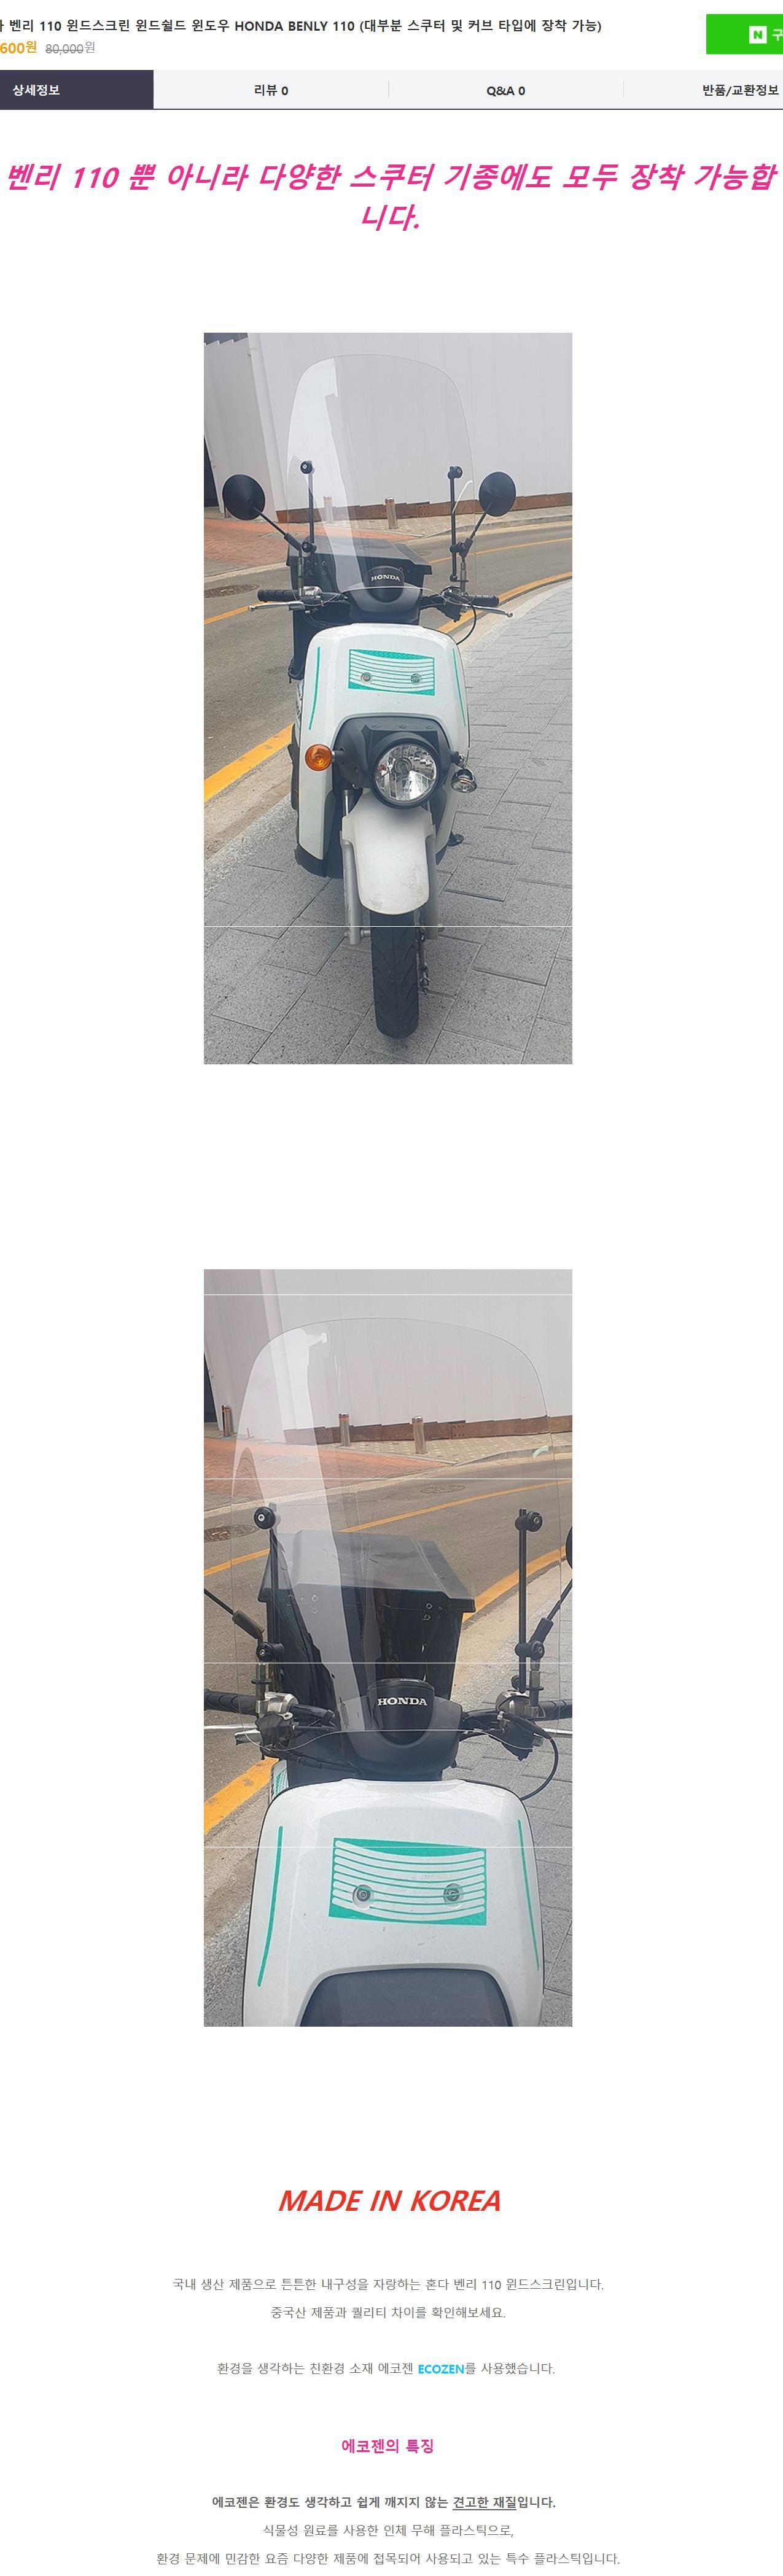 4ad69615c2745edac5e31e2e3d4c4e28_1595229996_8989.JPEG